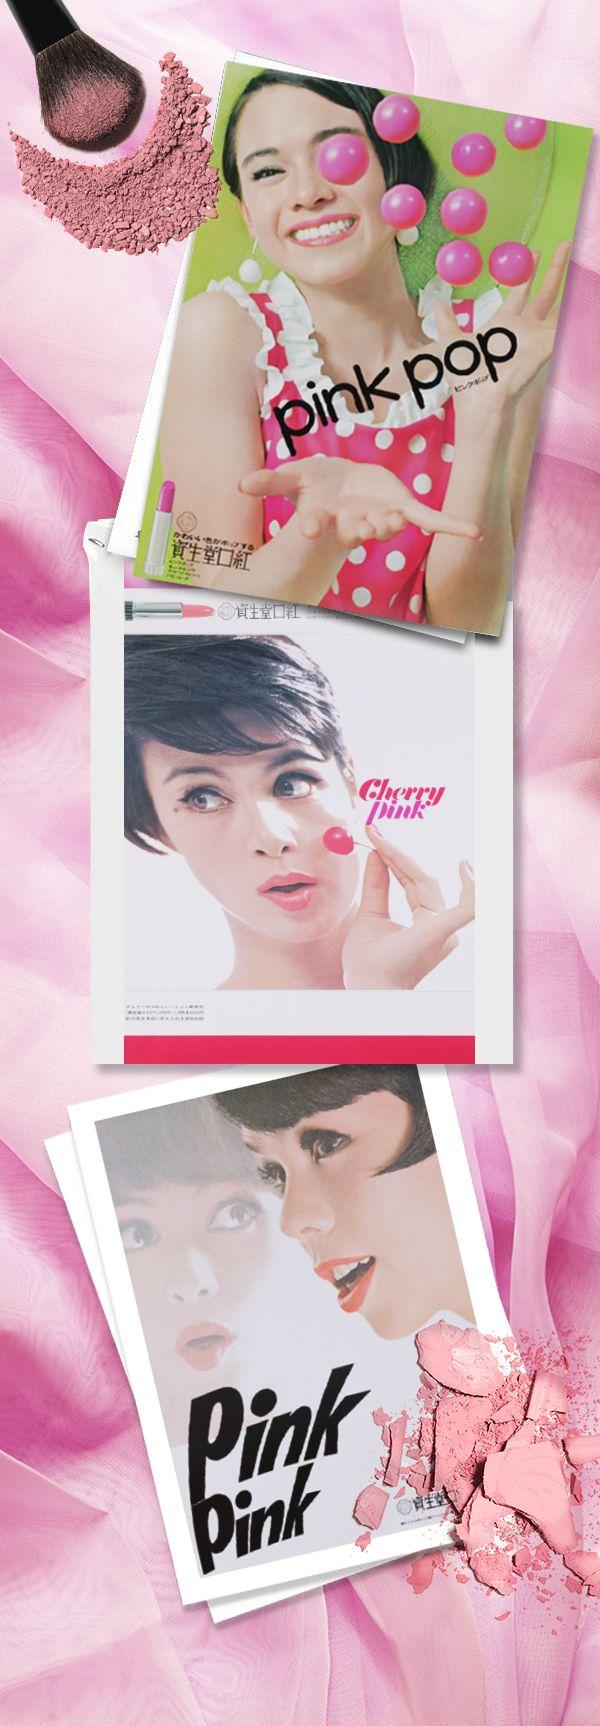 Negli anni '50 e '60, Shiseido guidò la rivoluzione del rosa nel make-up in Giappone, dando vita a un'ampia gamma di tonalità al passo con i tempi. Le nuance Cherry Pink, Pink Pink e Pink Pow Wow offrirono alle donne giapponesi la possibilità di creare look più delicati e giocosi che mai. #Shiseido www.shiseido.it